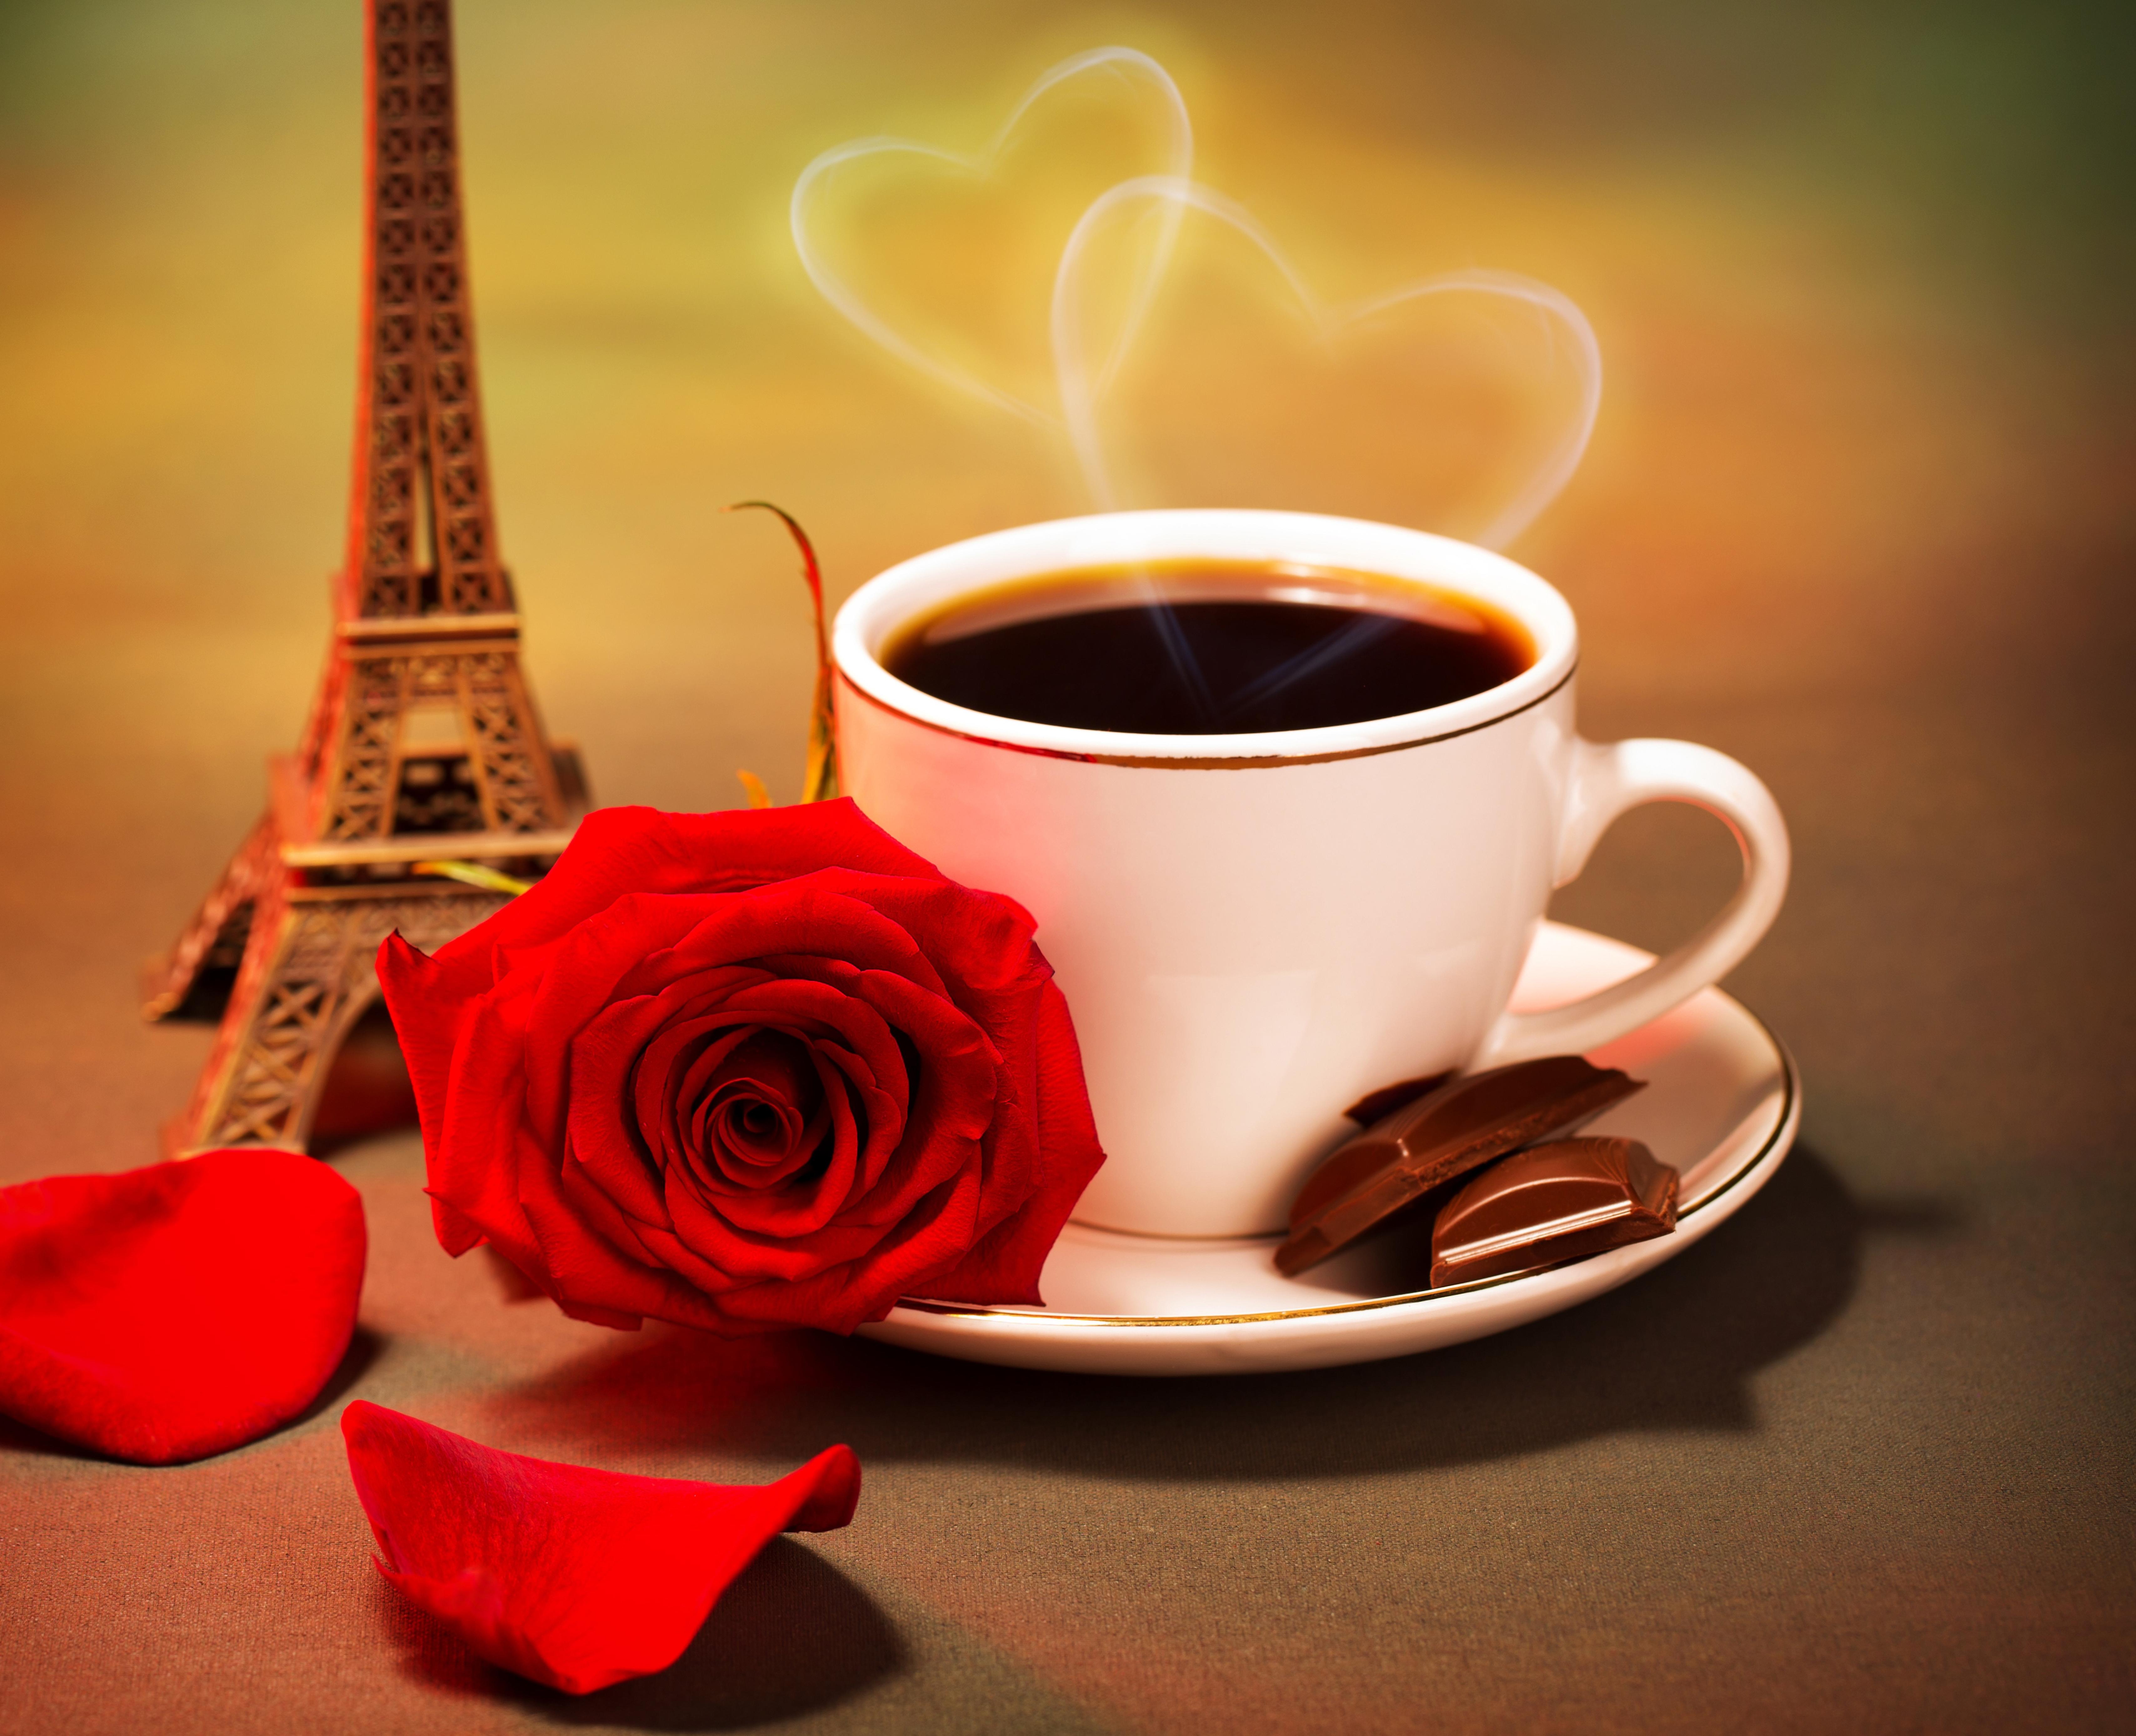 Открытки для мужчины с любовью приятного дня